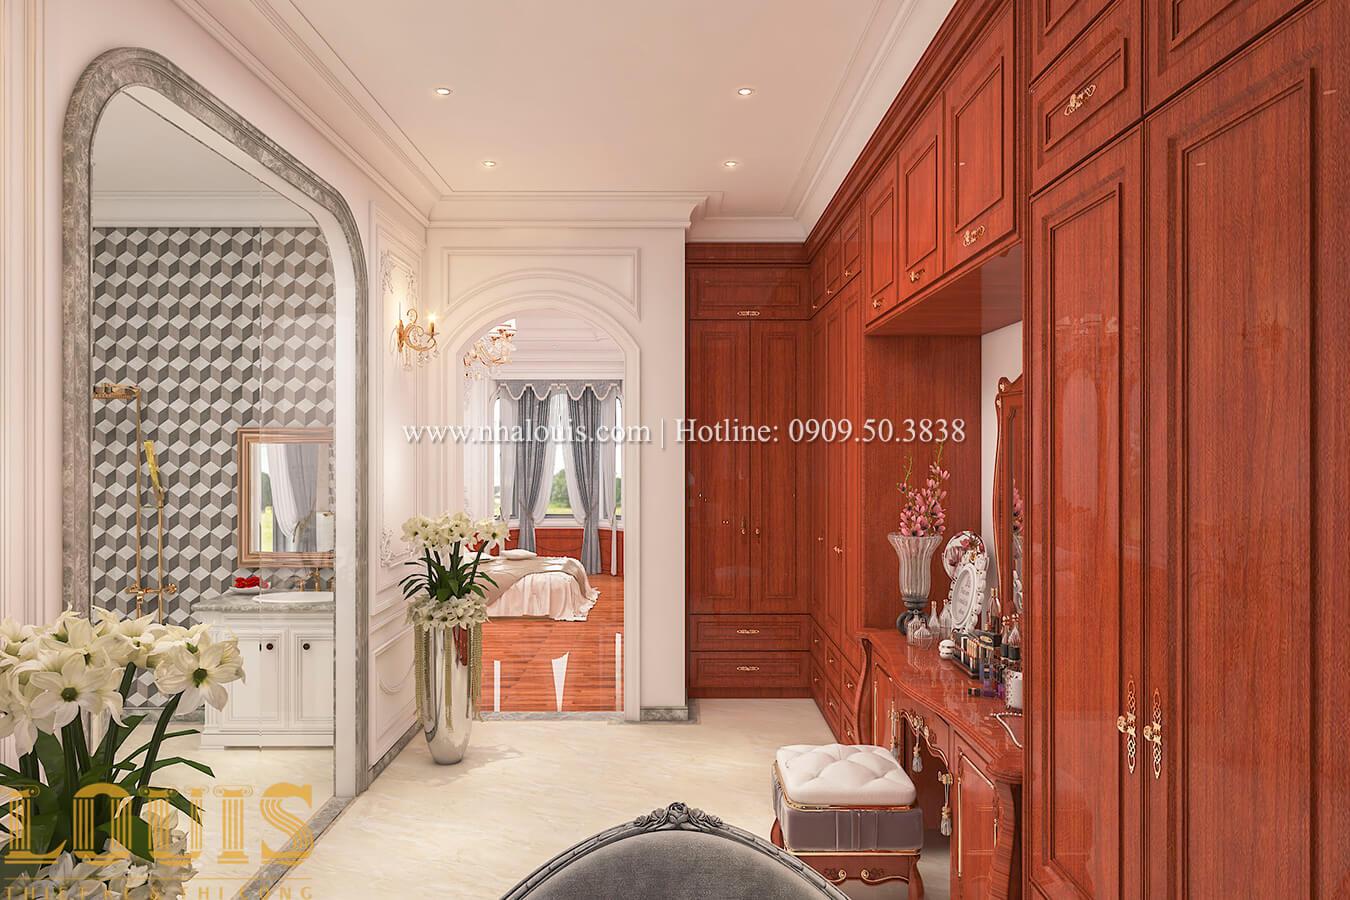 Phòng thay đồ và trang điểm Thiết kế biệt thự kiến trúc Pháp phong cách 2018 đẳng cấp